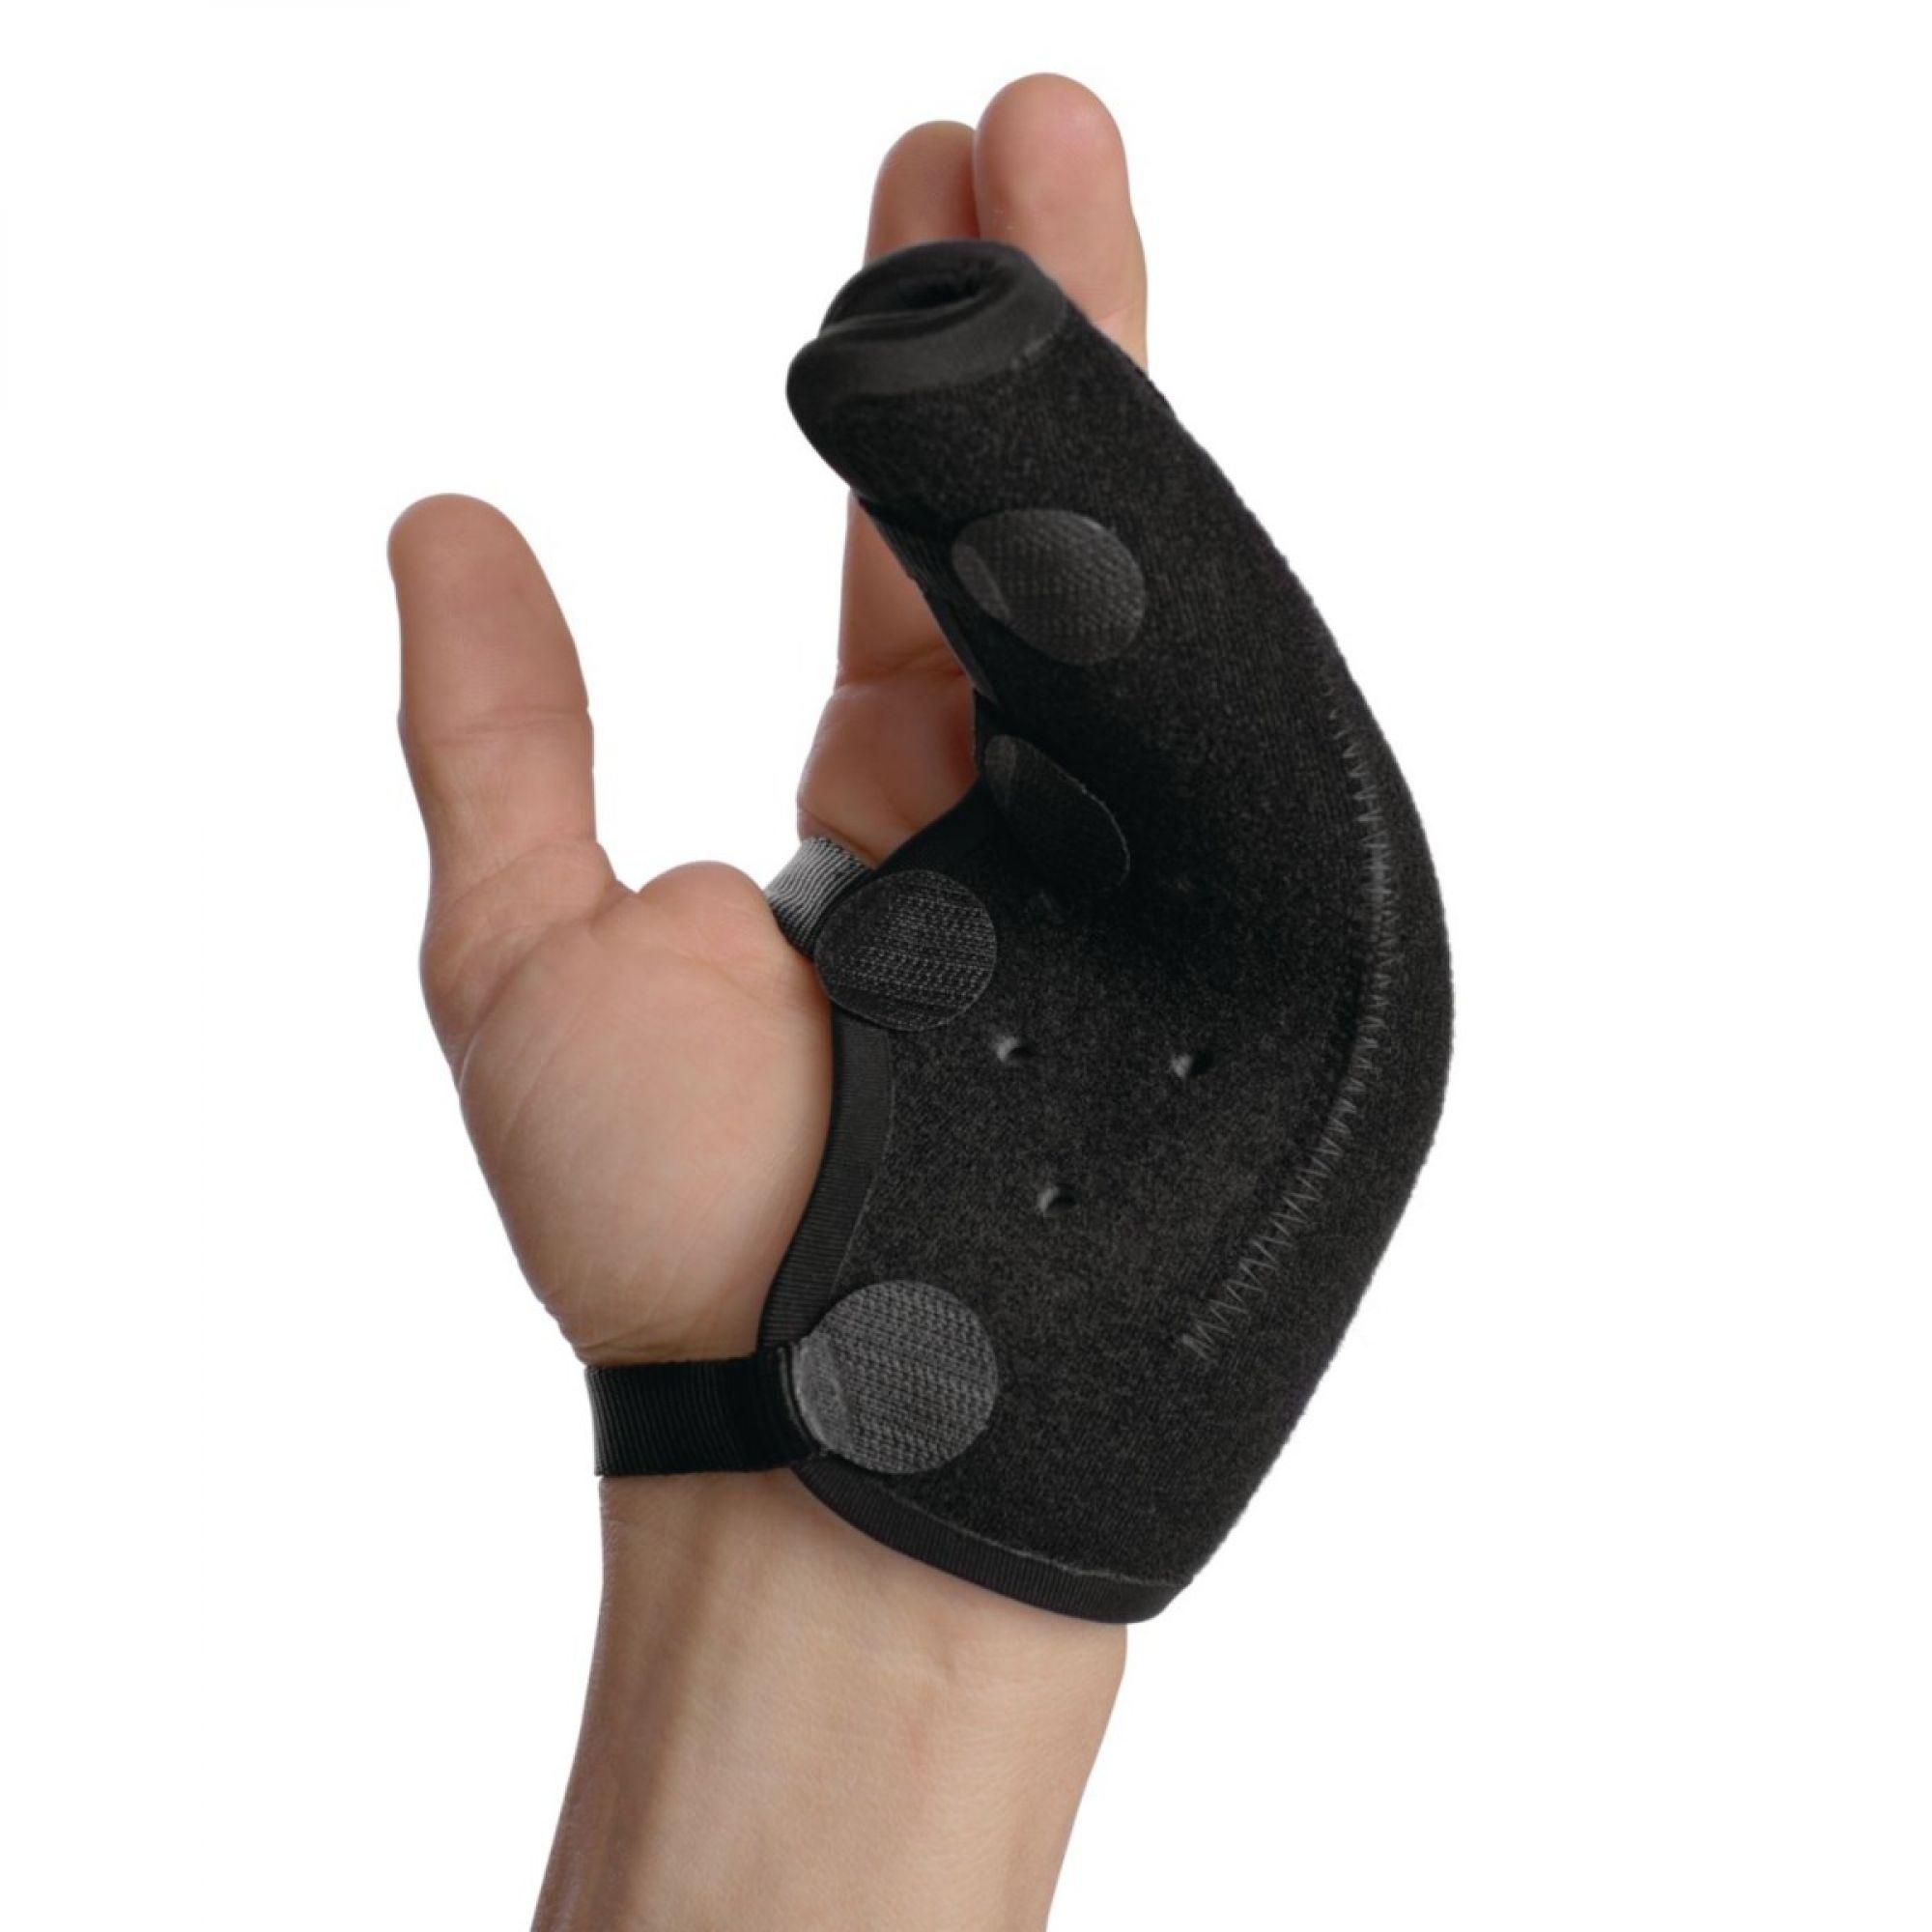 splint for metacarpal fracture